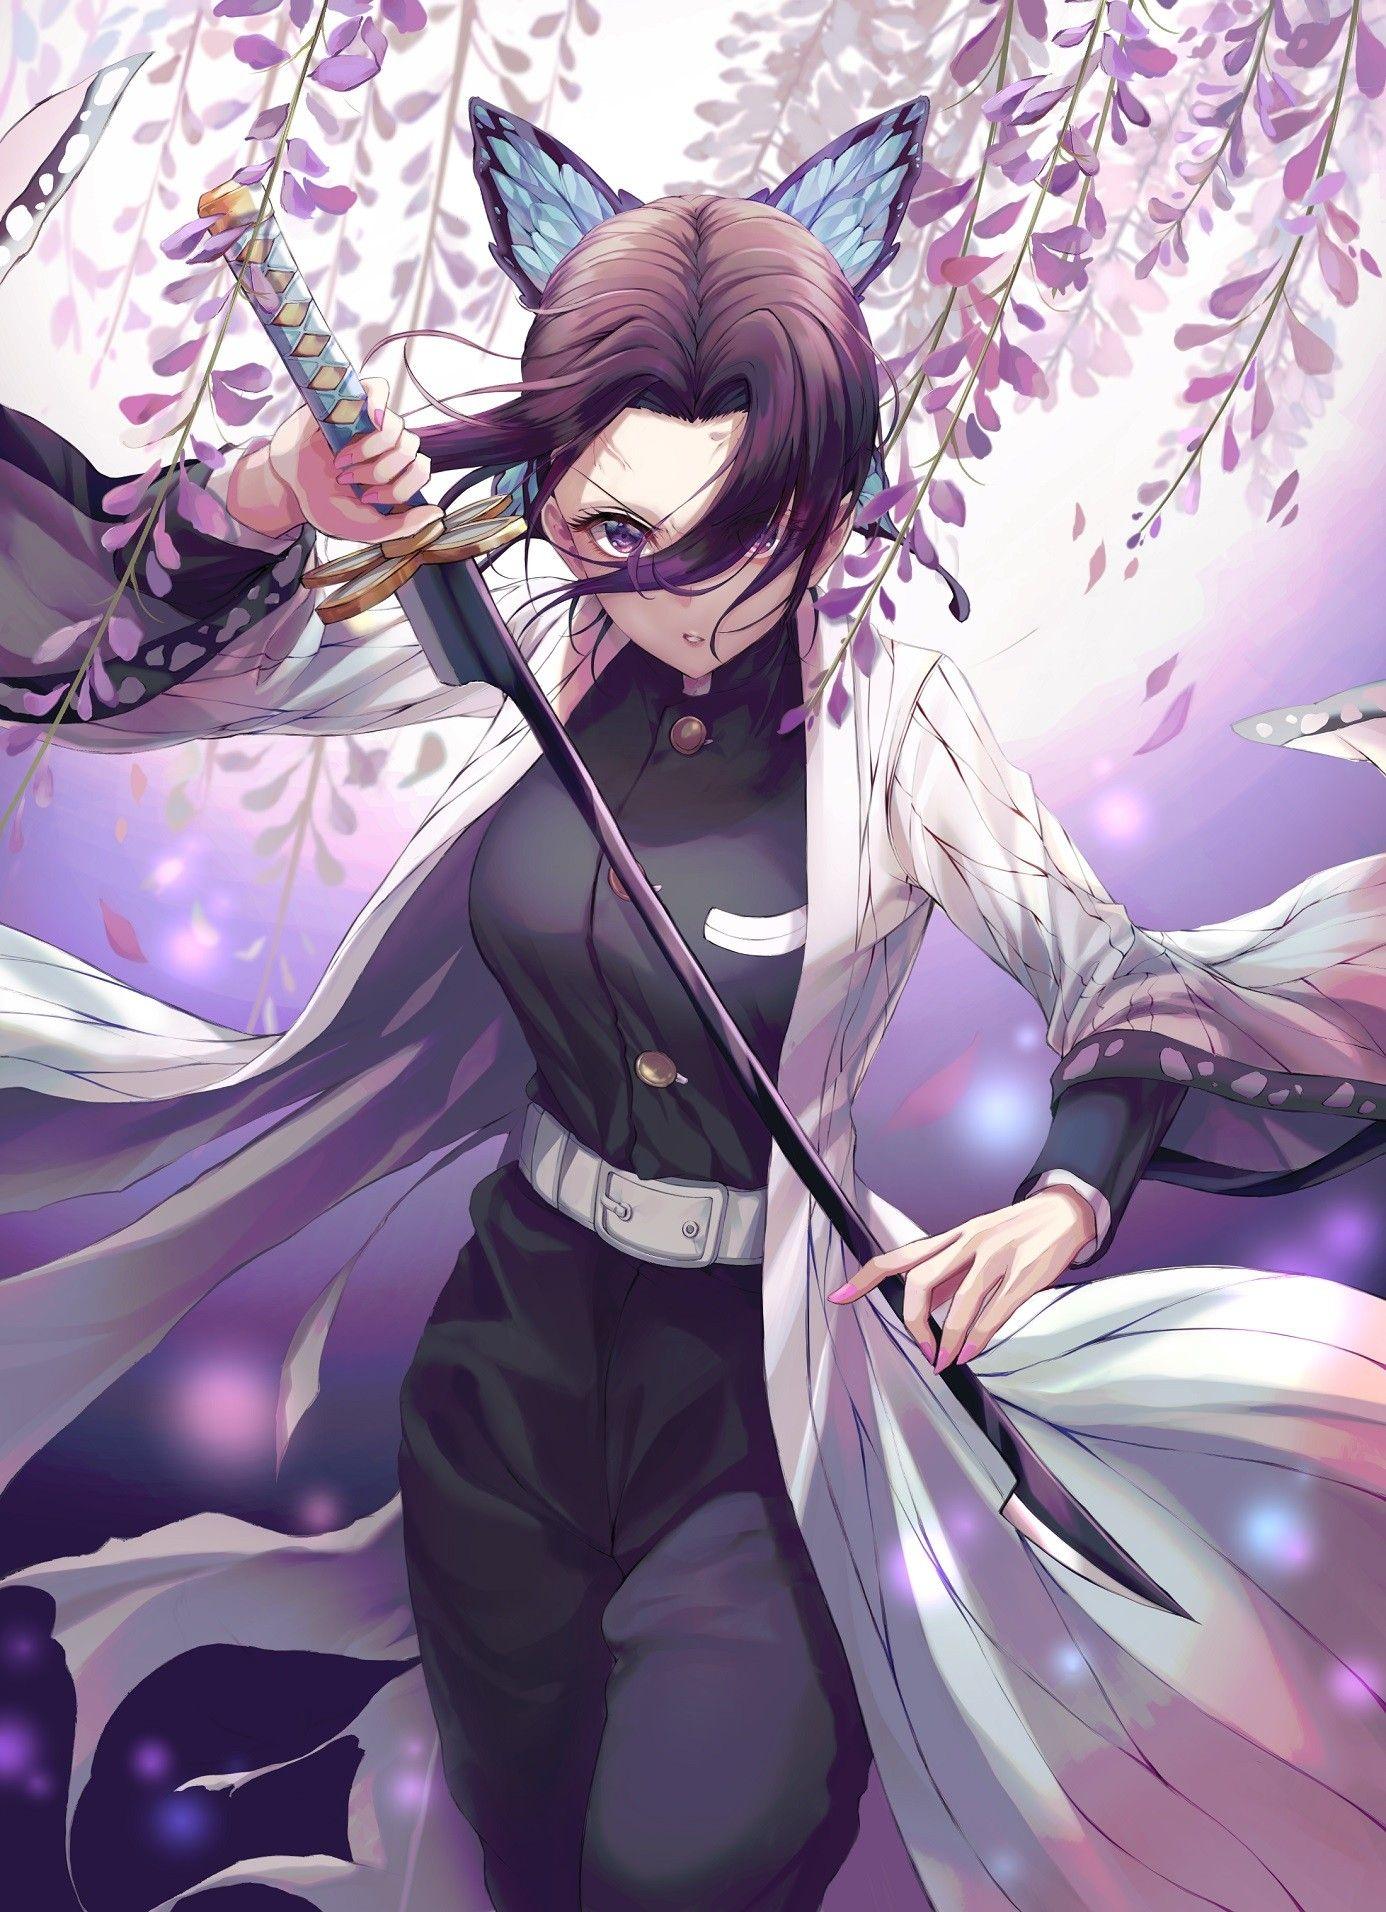 鬼滅之刃에 있는 冠嶙 吳님의 핀 2020 캐릭터 일러스트, 애니메이션, 그림